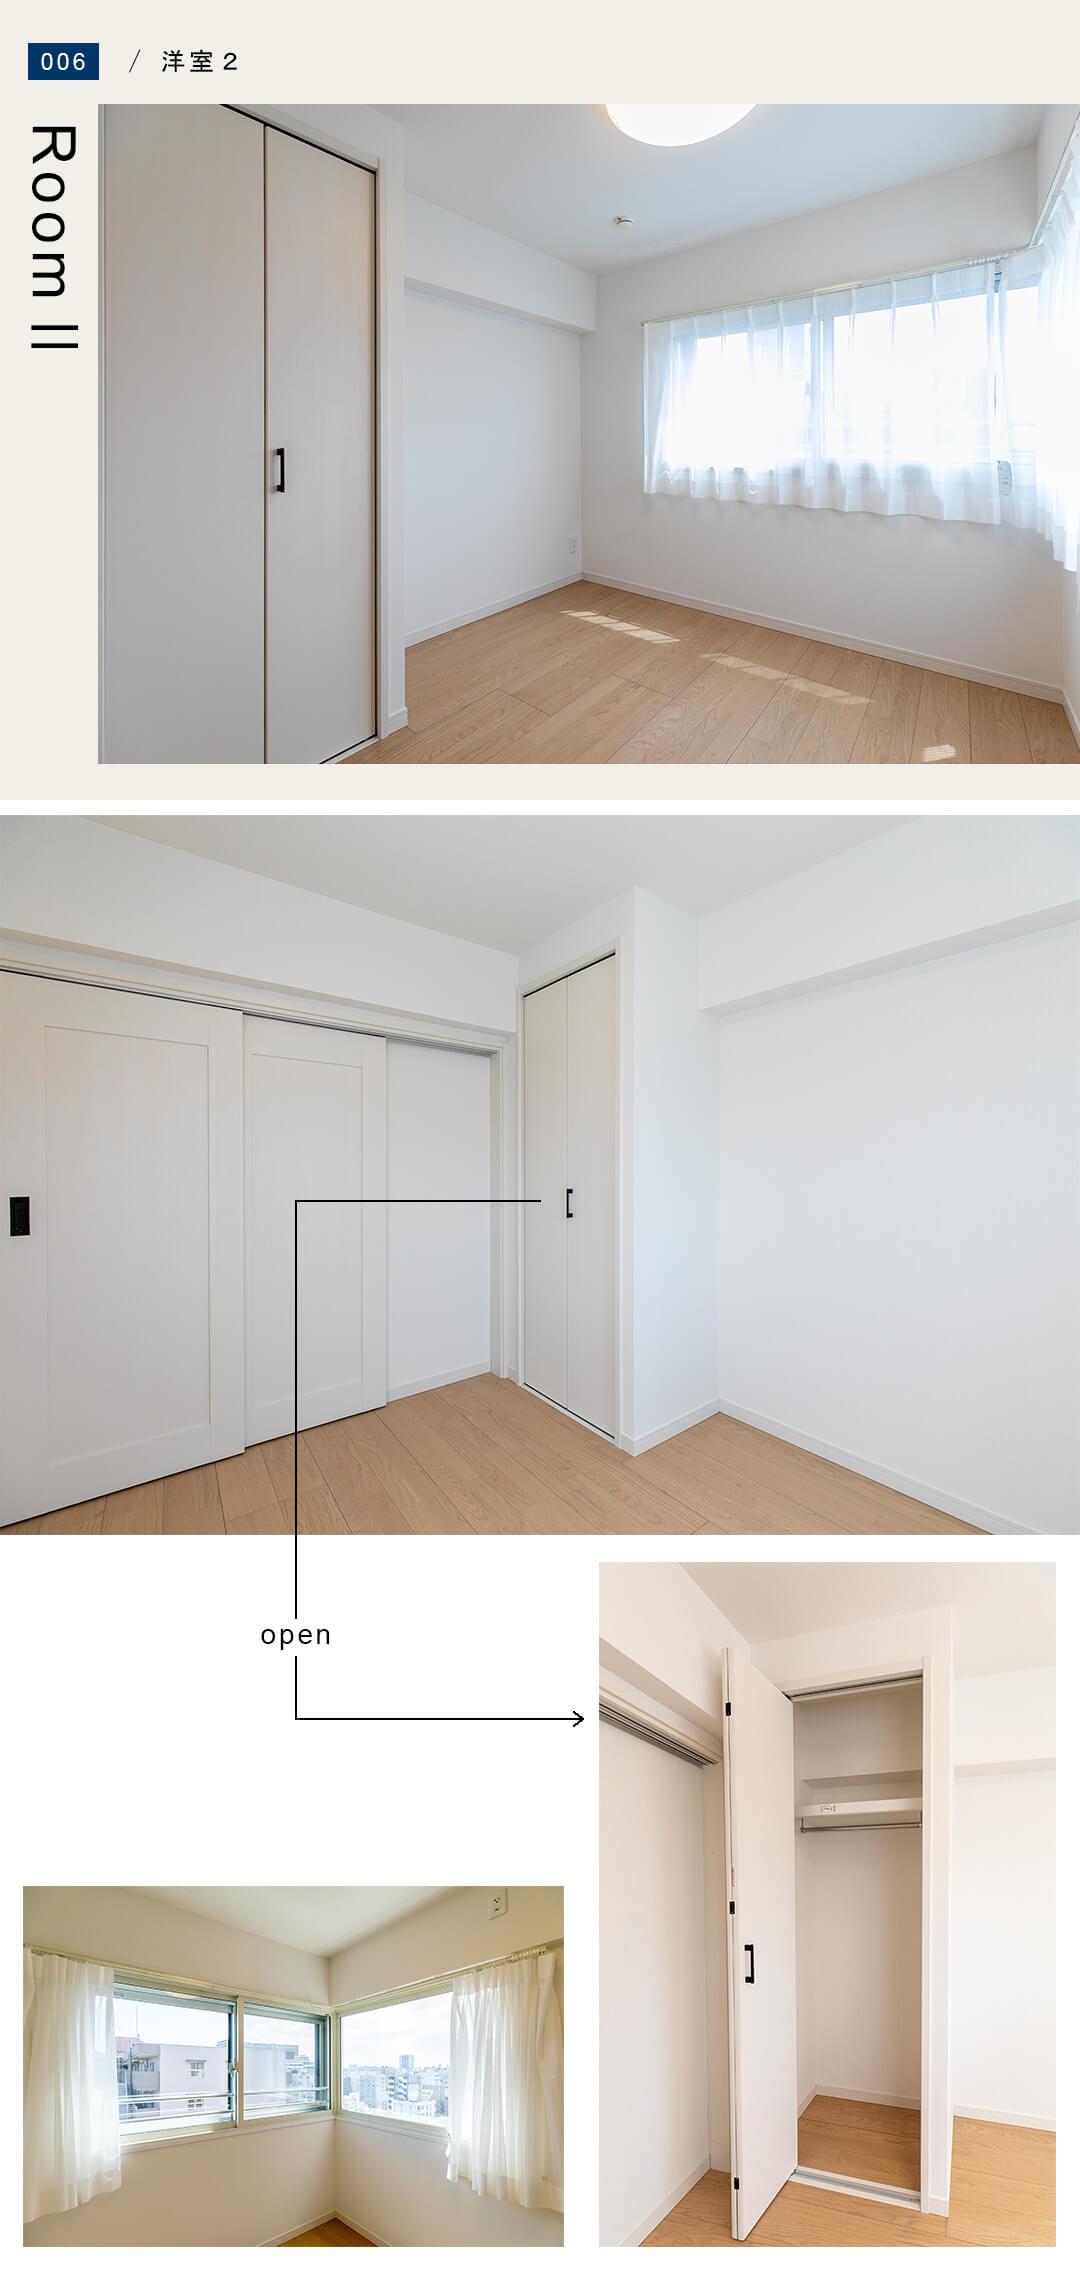 ライオンズマンション大森 1410の洋室2